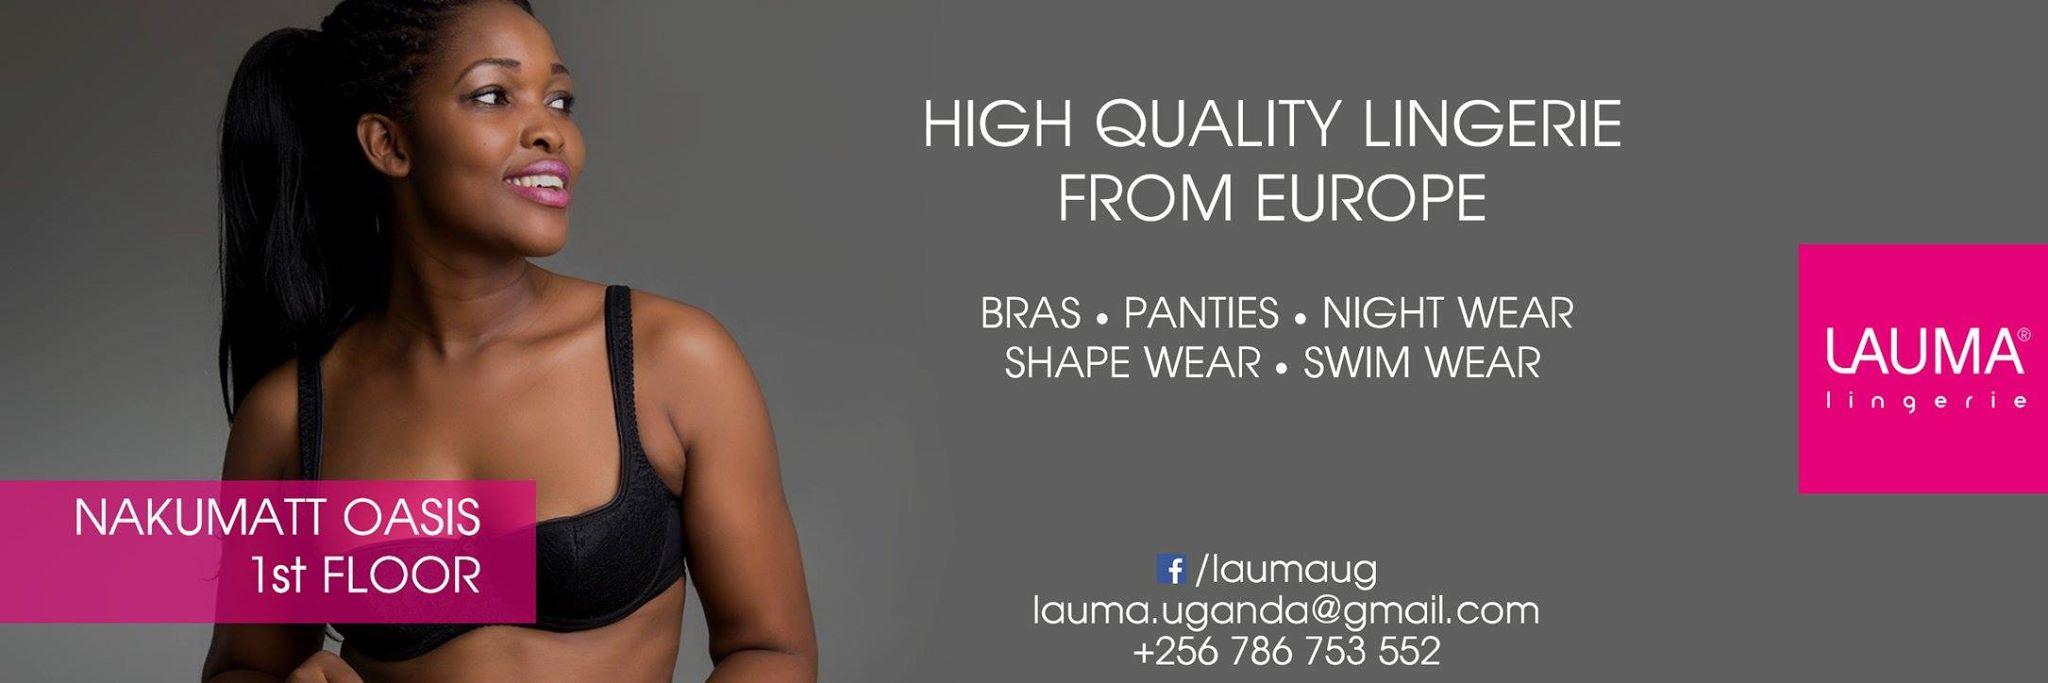 Lauma Uganda Ad